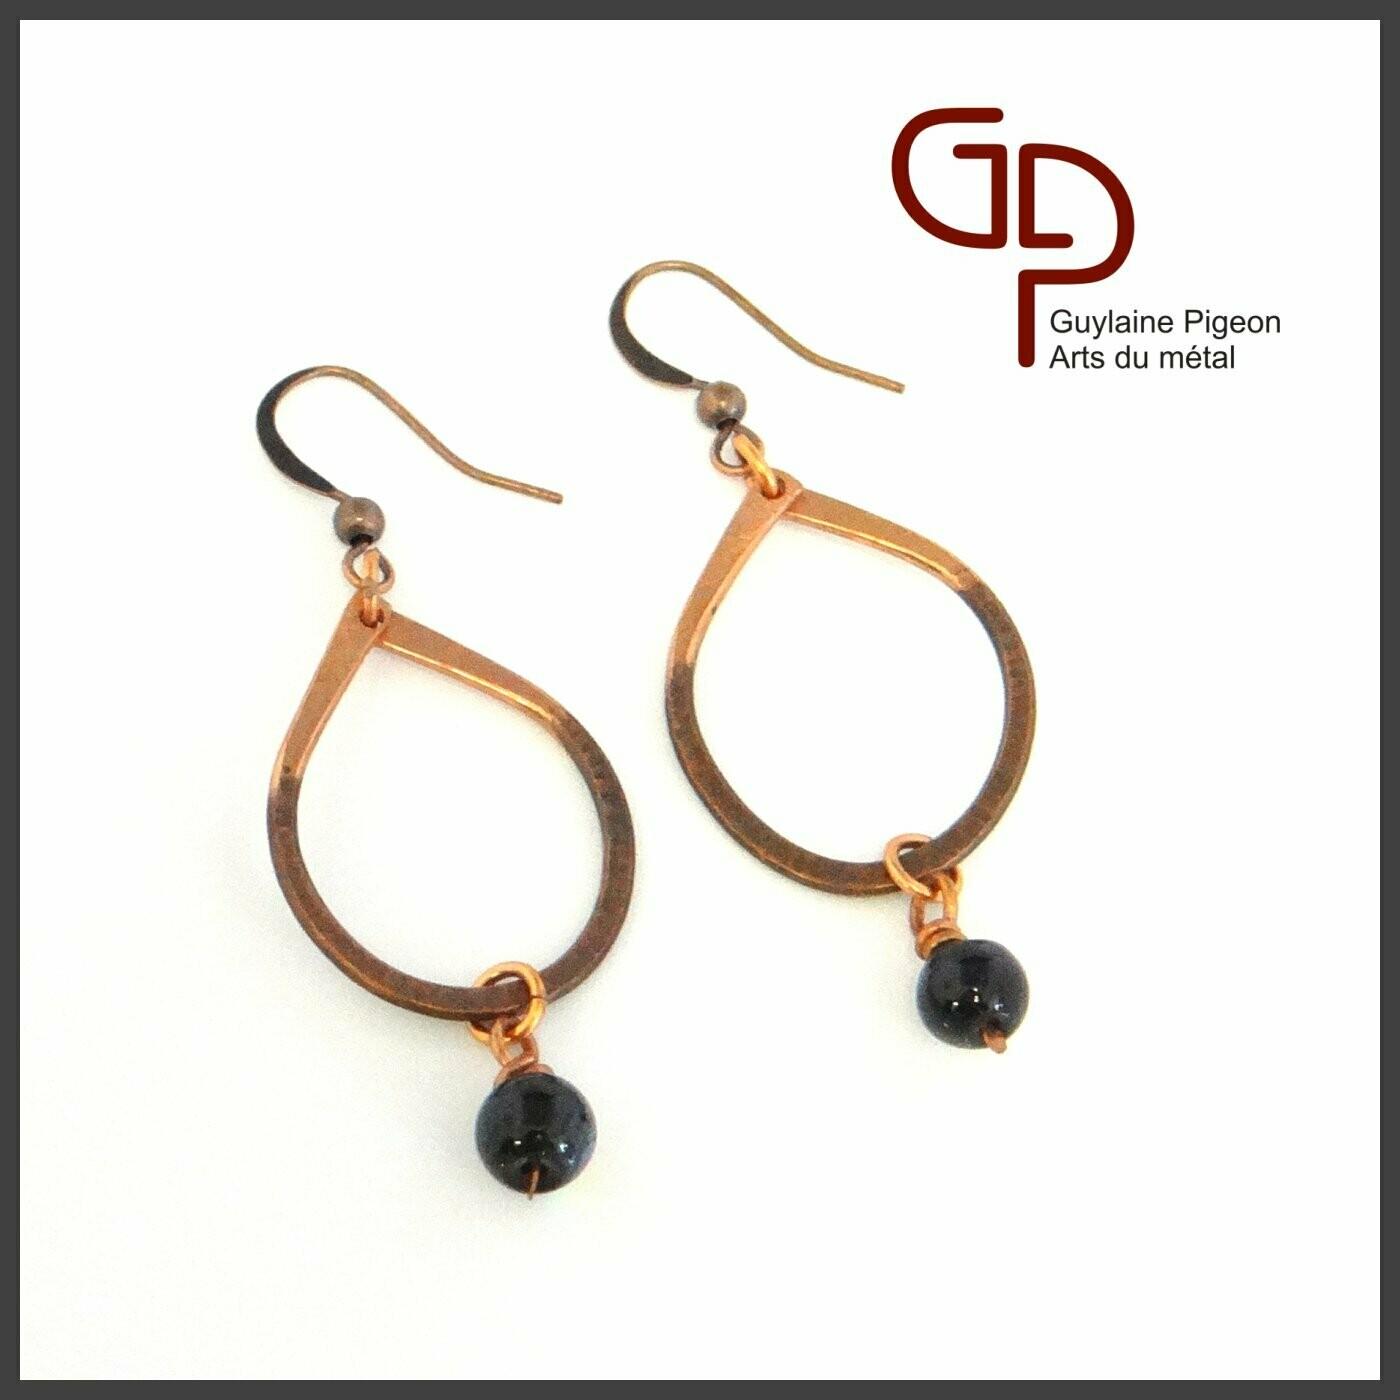 Boucles d'oreilles cuivre #1